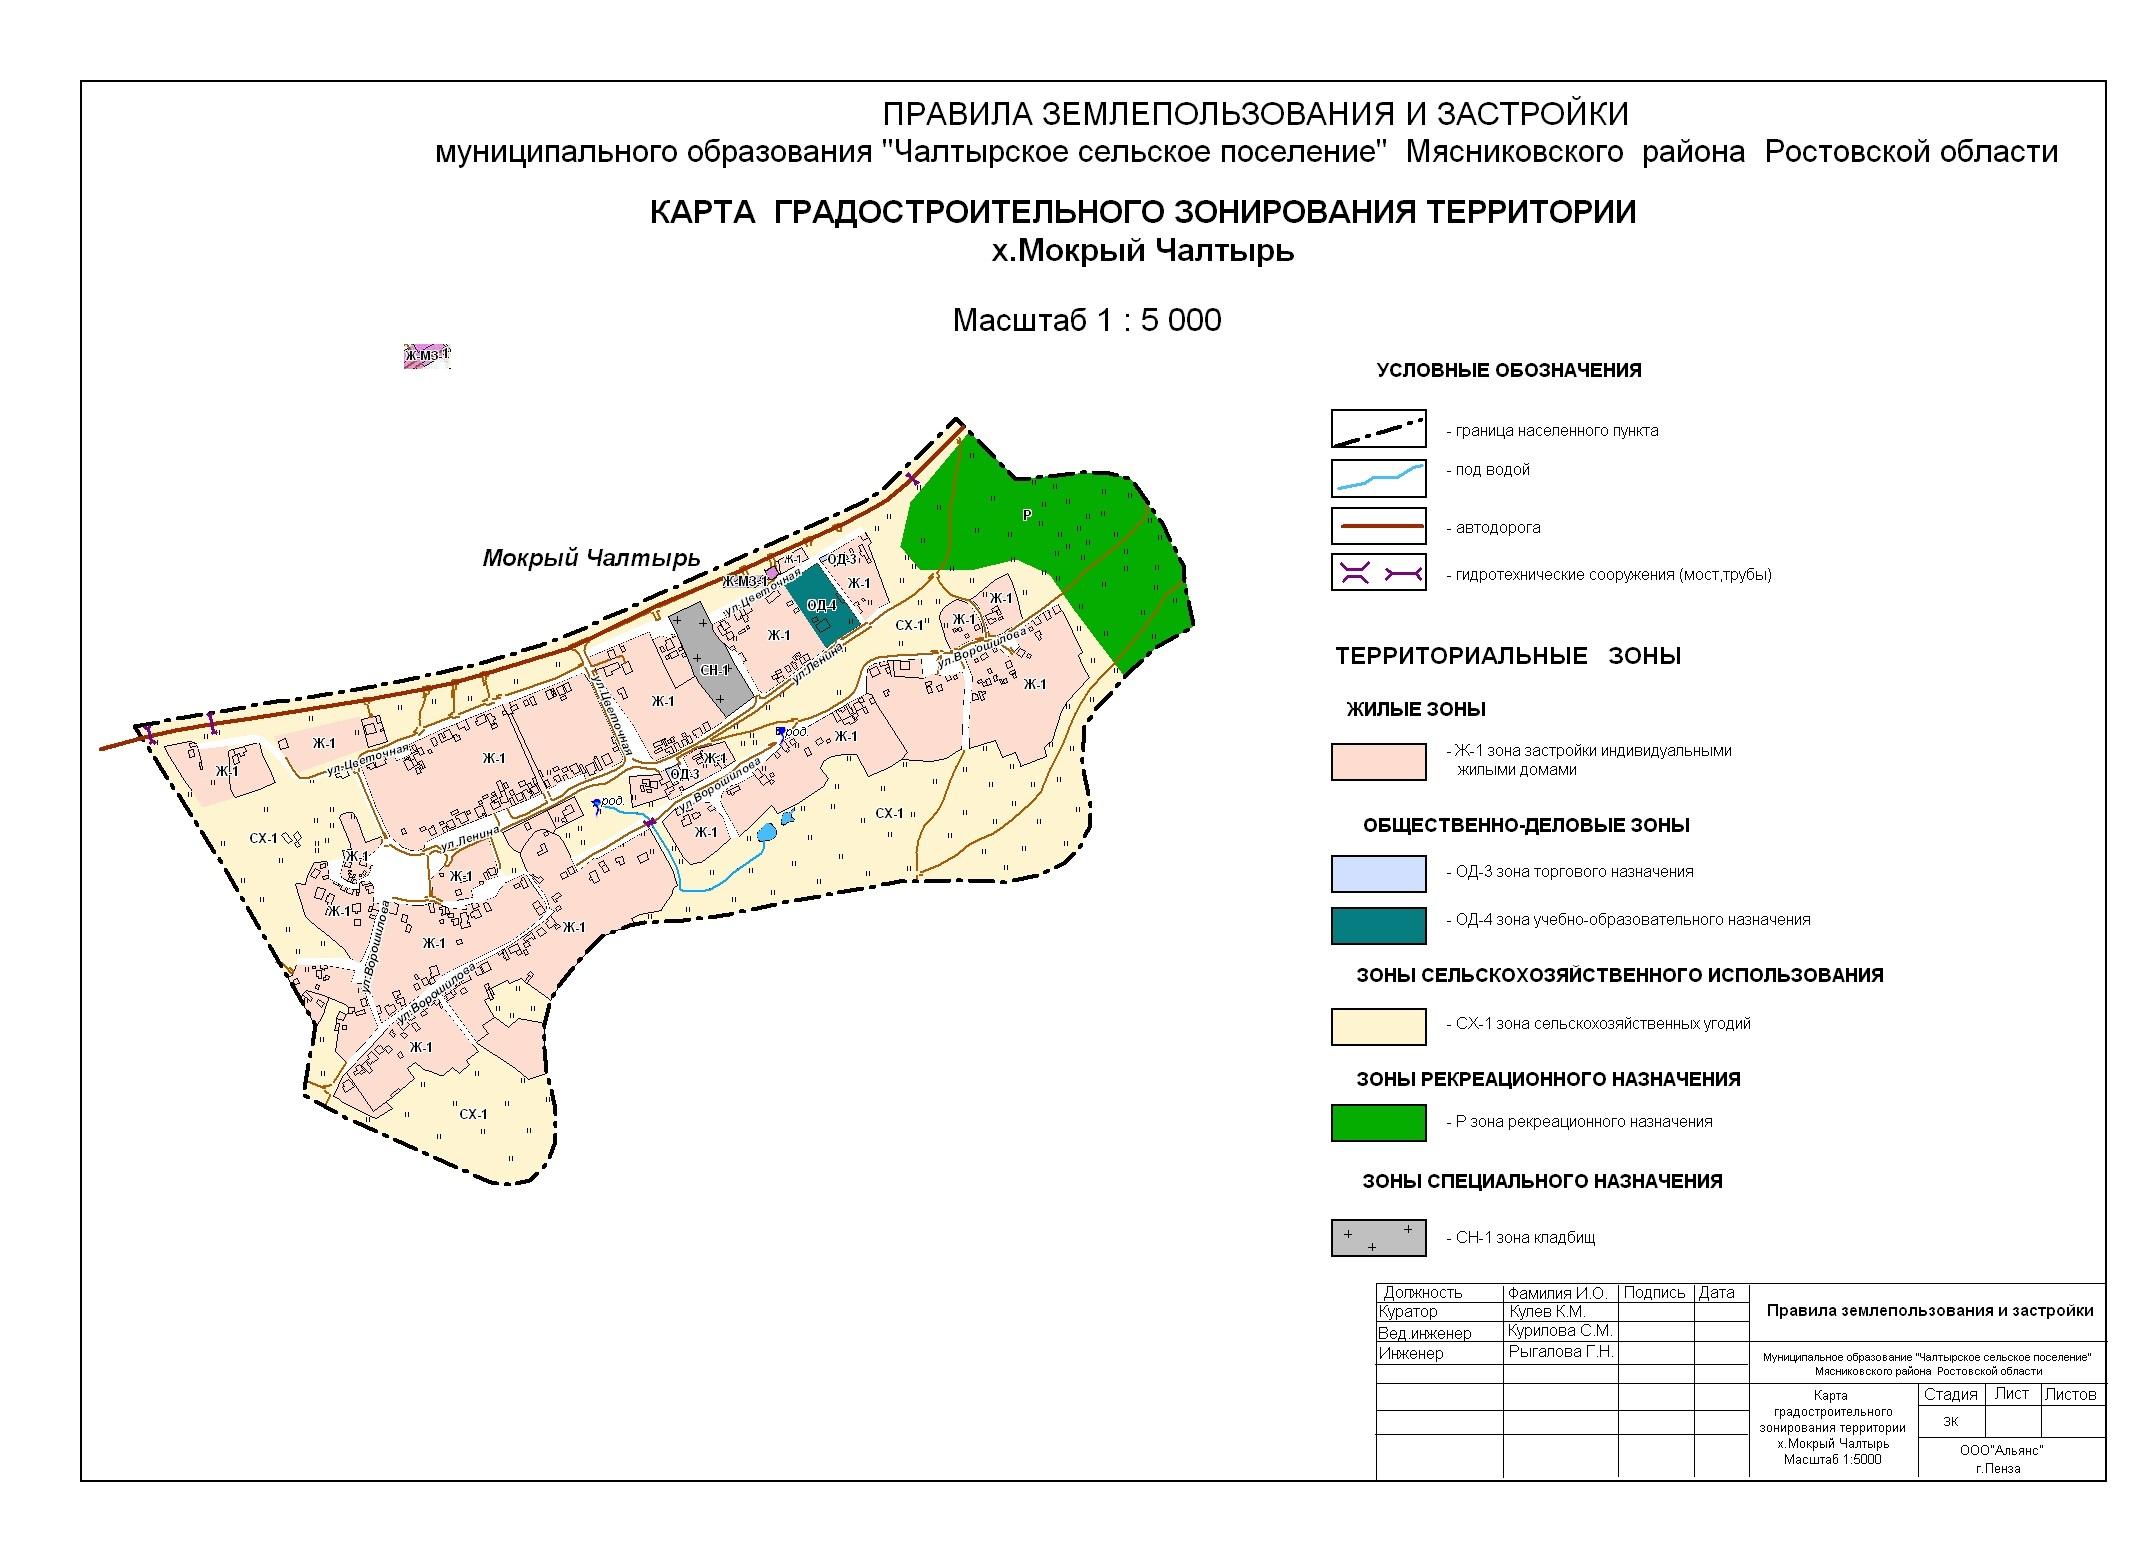 Фрагмент карты градостроительного зонирования территории муниципального образования город екатеринбург